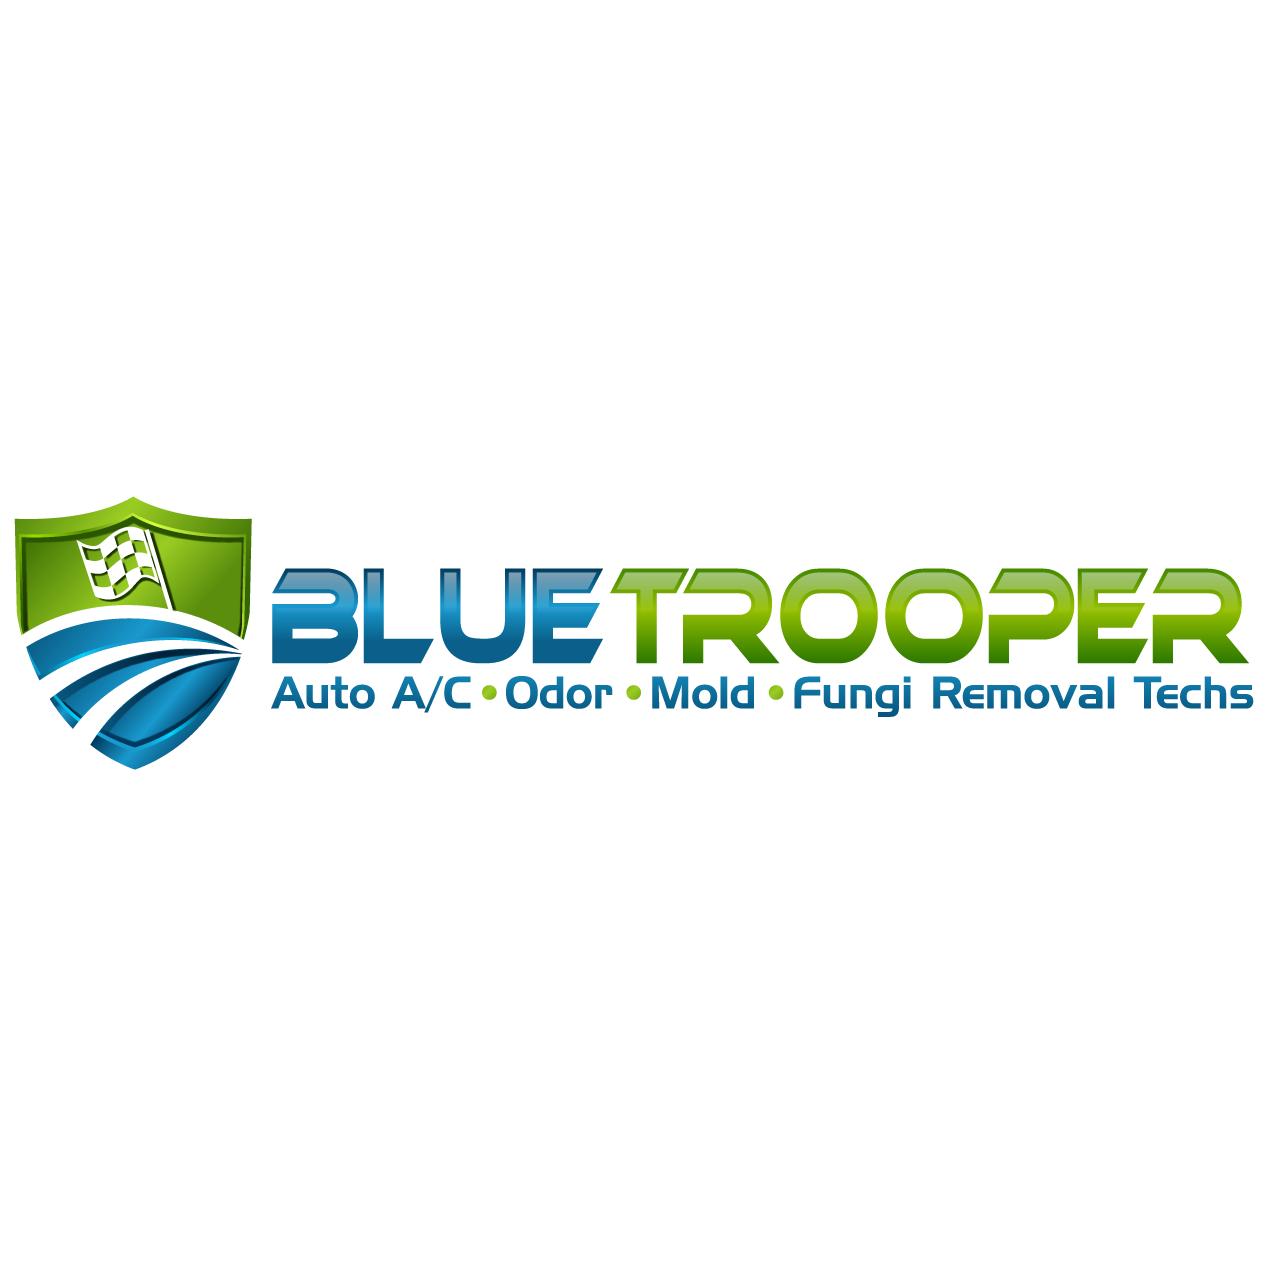 Blue Trooper Automotive HVAC Allergen & Odor Removal Service